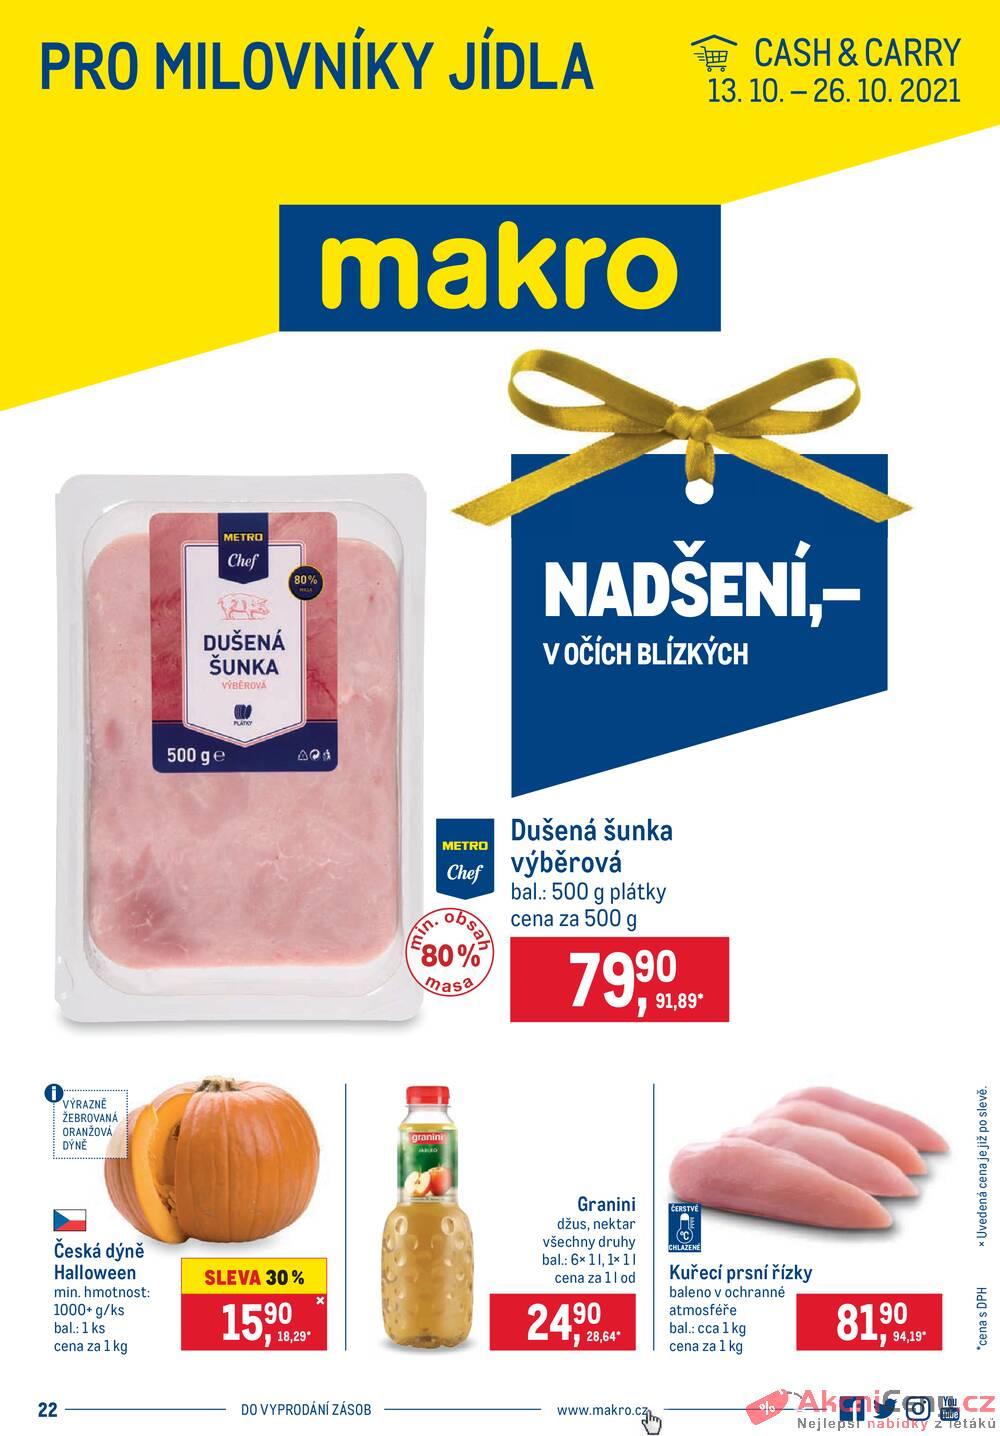 Leták MAKRO - Makro Pro milovníky jídla do 26.10. - strana 1